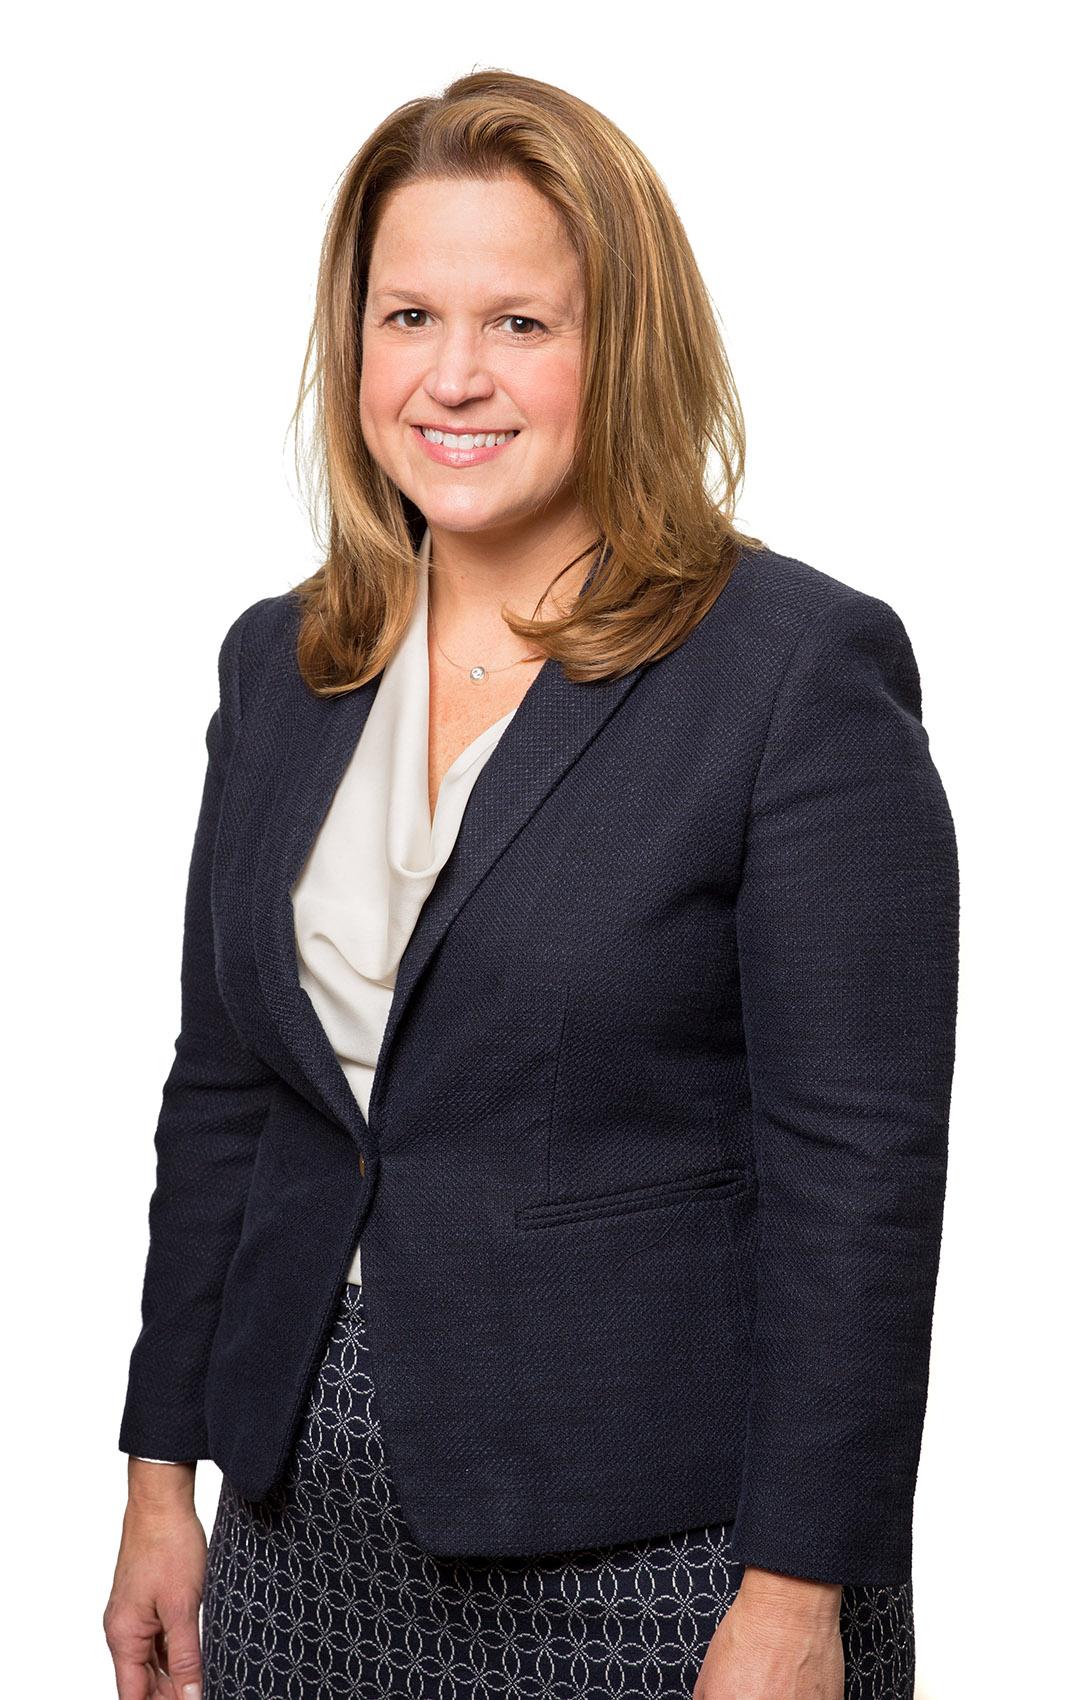 Melissa N. VanSickle